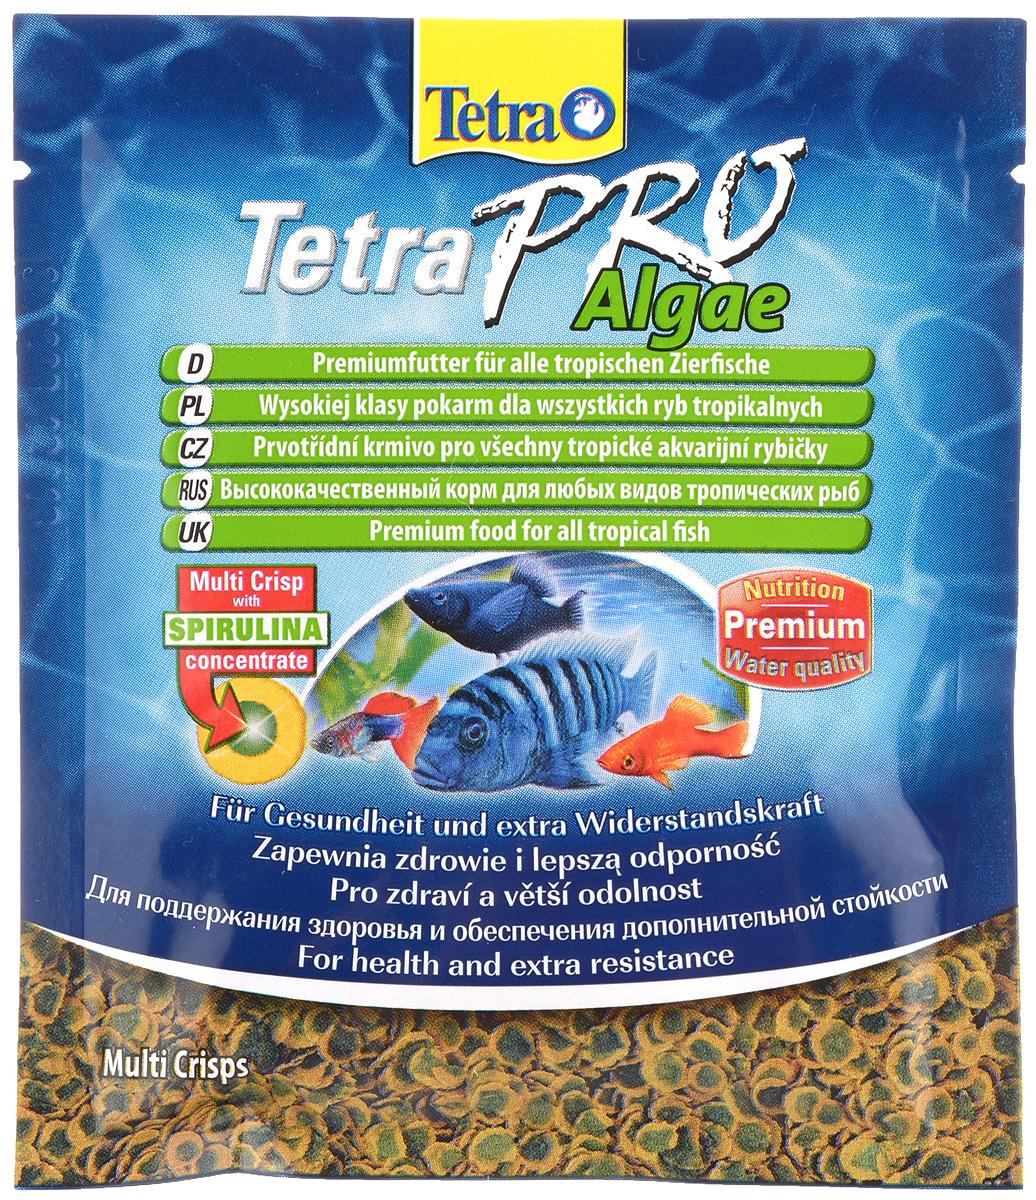 Корм Tetra TetraPro. Algae для всех видов тропических рыб, чипсы, 12 г149397Полноценный высококачественный корм Tetra TetraPro. Algae для всех видов тропических рыб разработан для поддержания здоровья и придания дополнительной стойкости. Особенности Tetra TetraPro. Algae: - щадящая низкотемпературная технология изготовления для высокой питательной ценности и стабильности витаминов; - концентрат спирулина для повышения сопротивляемости организма; - инновационная форма чипсов для минимального загрязнения воды; - идеально подходит для растительноядных рыб; - легкое кормление. Рекомендации по кормлению: кормить несколько раз в день маленькими порциями. Состав: рыба и побочные рыбные продукты, зерновые культуры, экстракты растительного белка, дрожжи, моллюски и раки, масла и жиры, водоросли (спирулина 1%). Аналитические компоненты: сырой белок - 46%, сырые масла и жиры - 12%, сырая клетчатка - 3%, влага - 9%. Добавки: витамины, провитамины и химические вещества с аналогичным воздействием,...